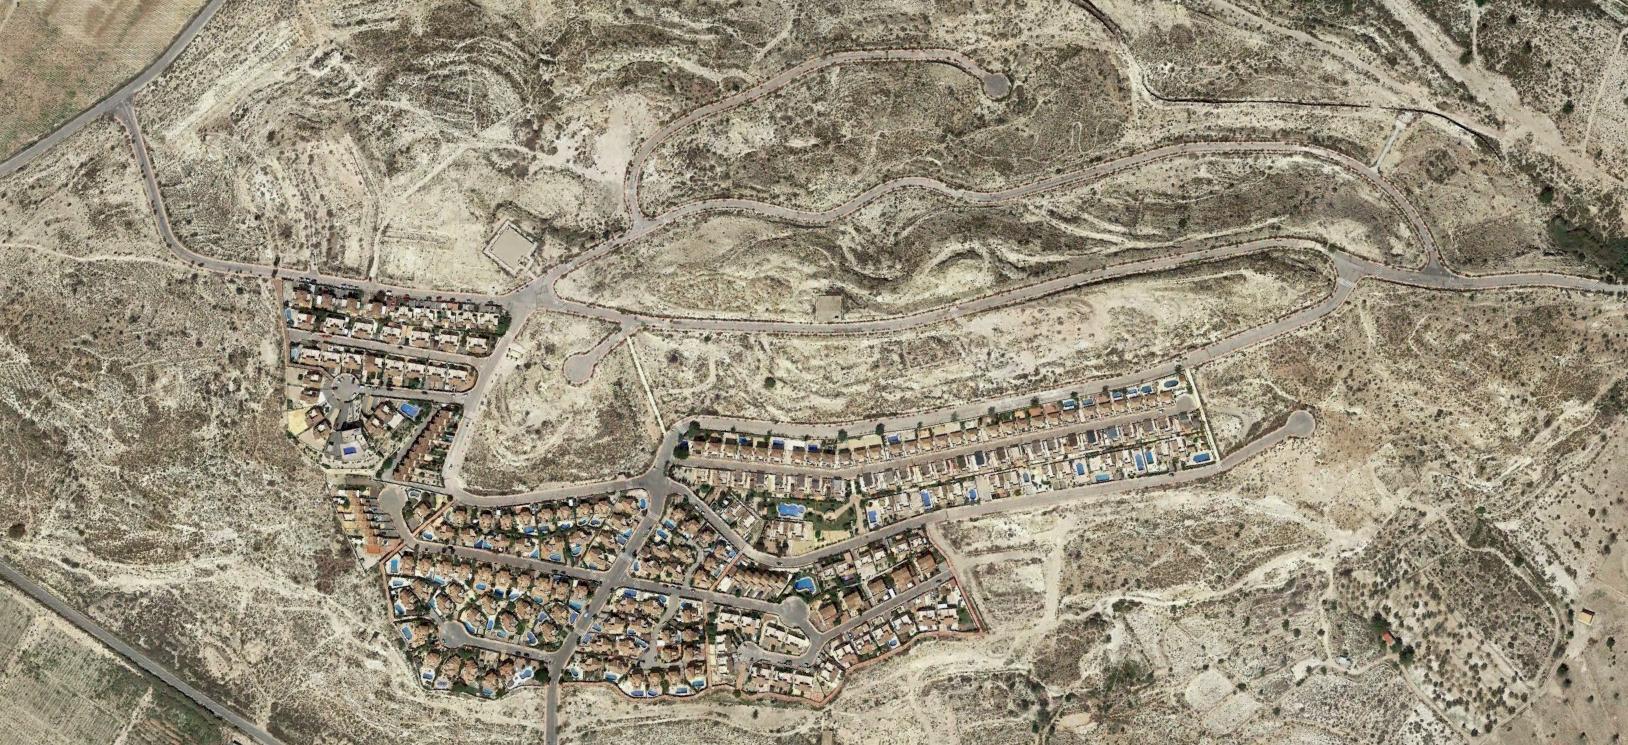 cotoveta, alicante, cotoban, después, urbanismo, planeamiento, urbano, desastre, urbanístico, construcción, rotondas, carretera